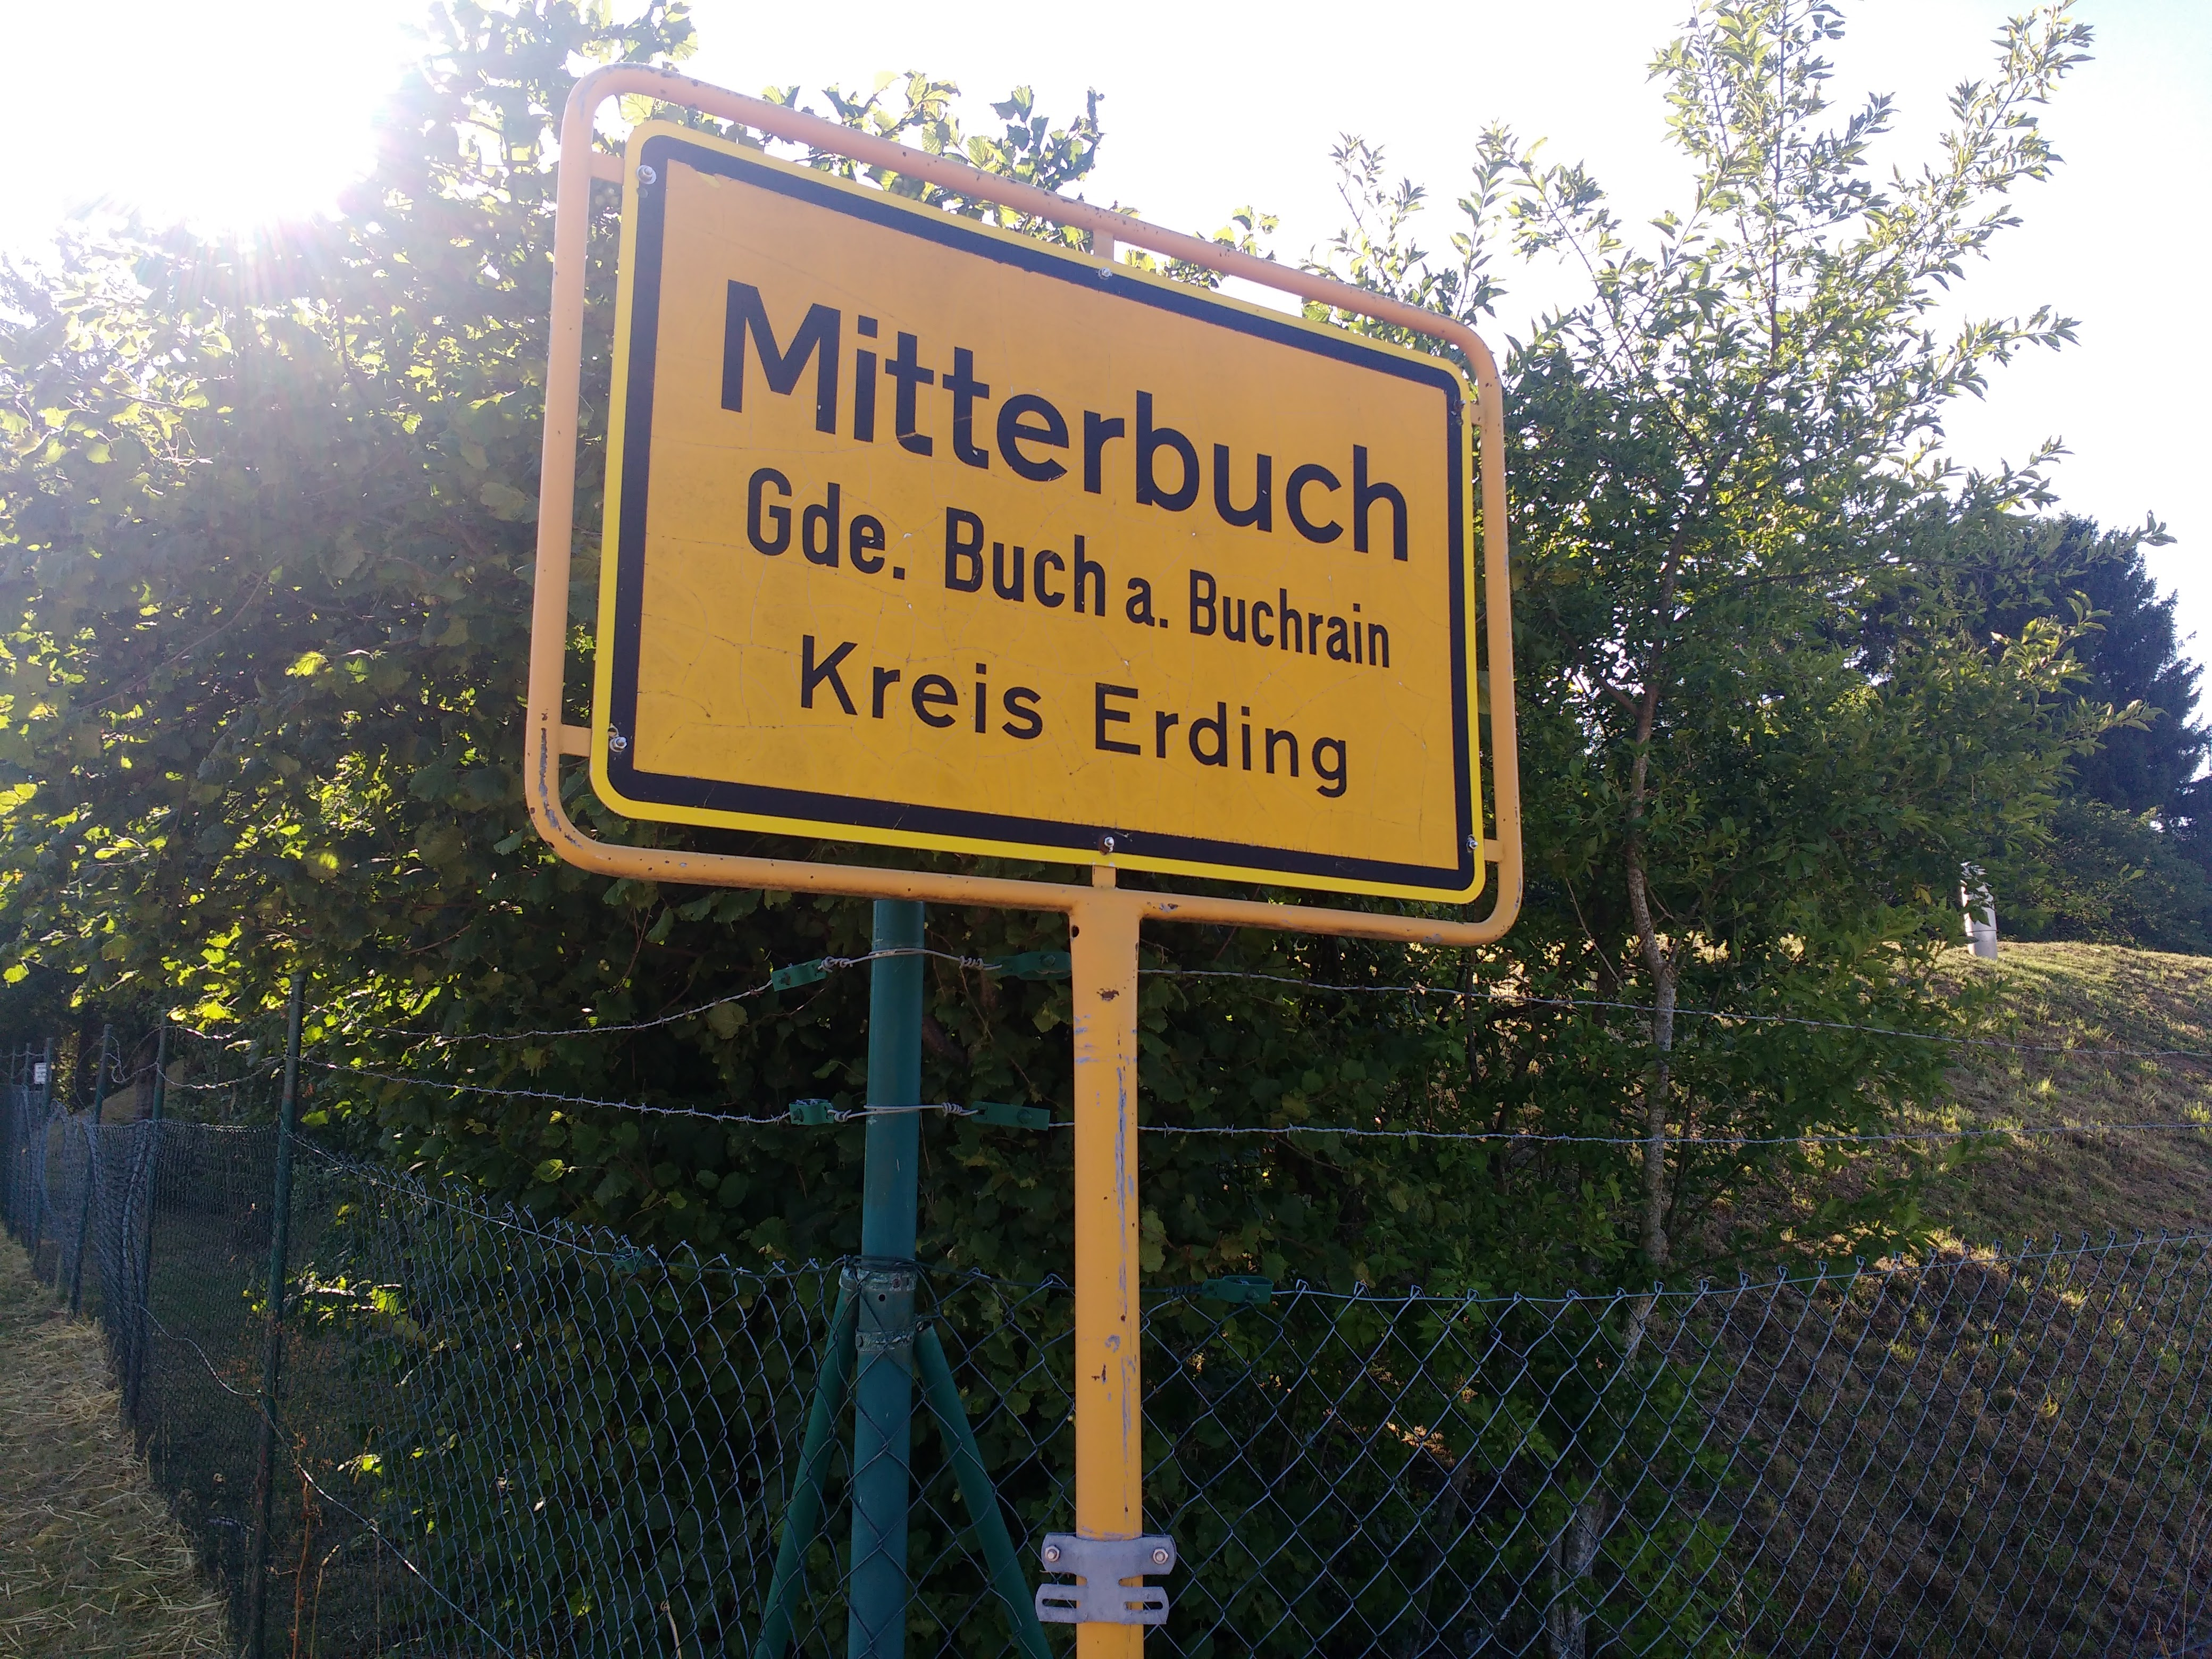 Ortsschild von Mitterbuch, Gemeinde Buch am Buchrain